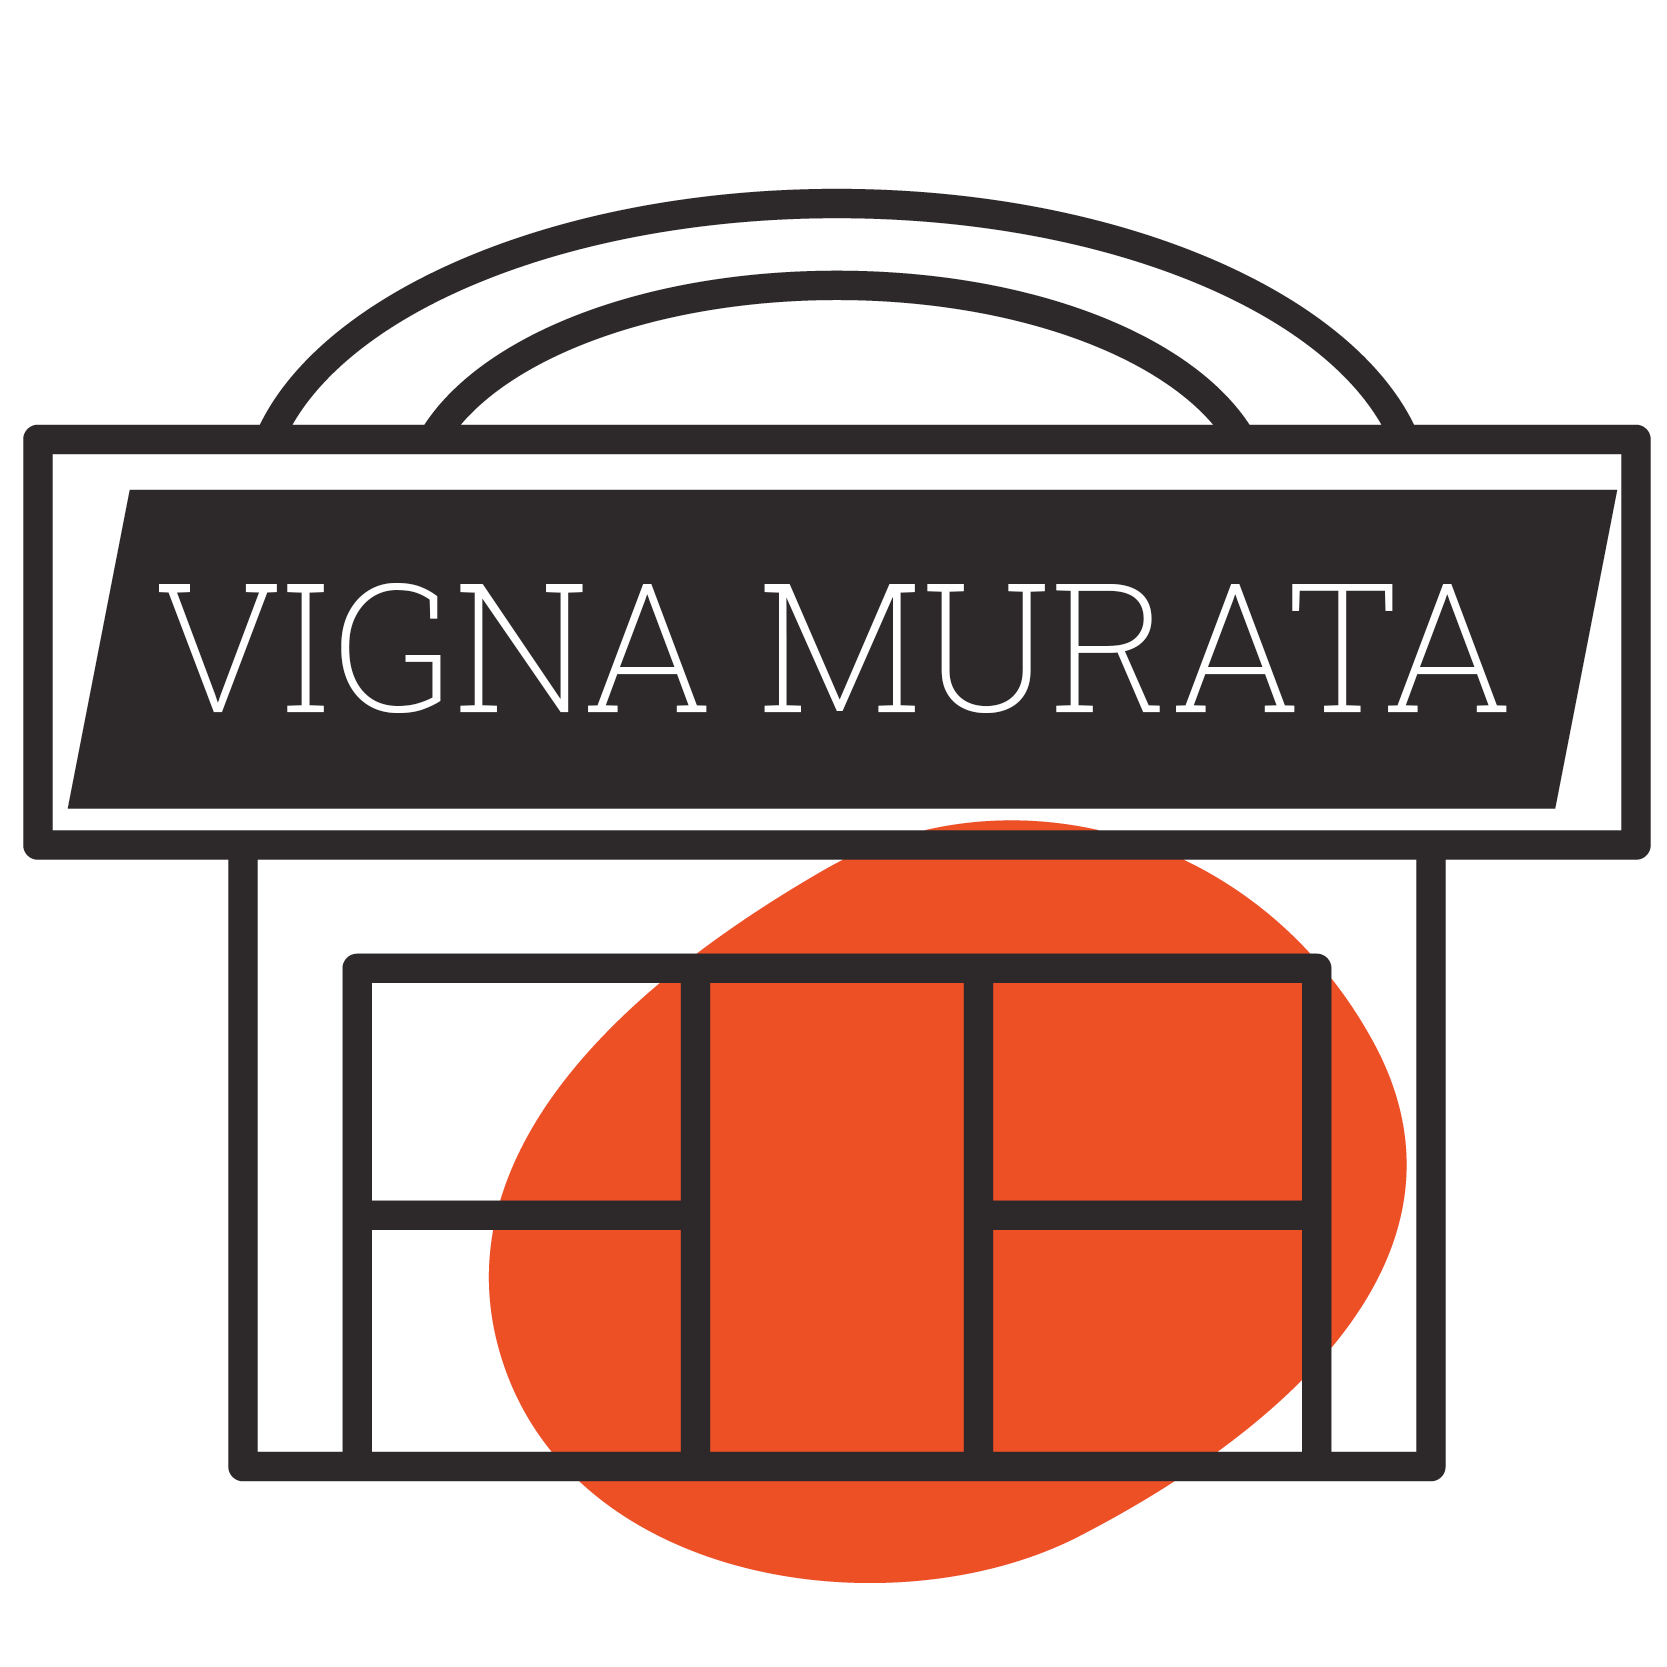 VIGNA MURATA